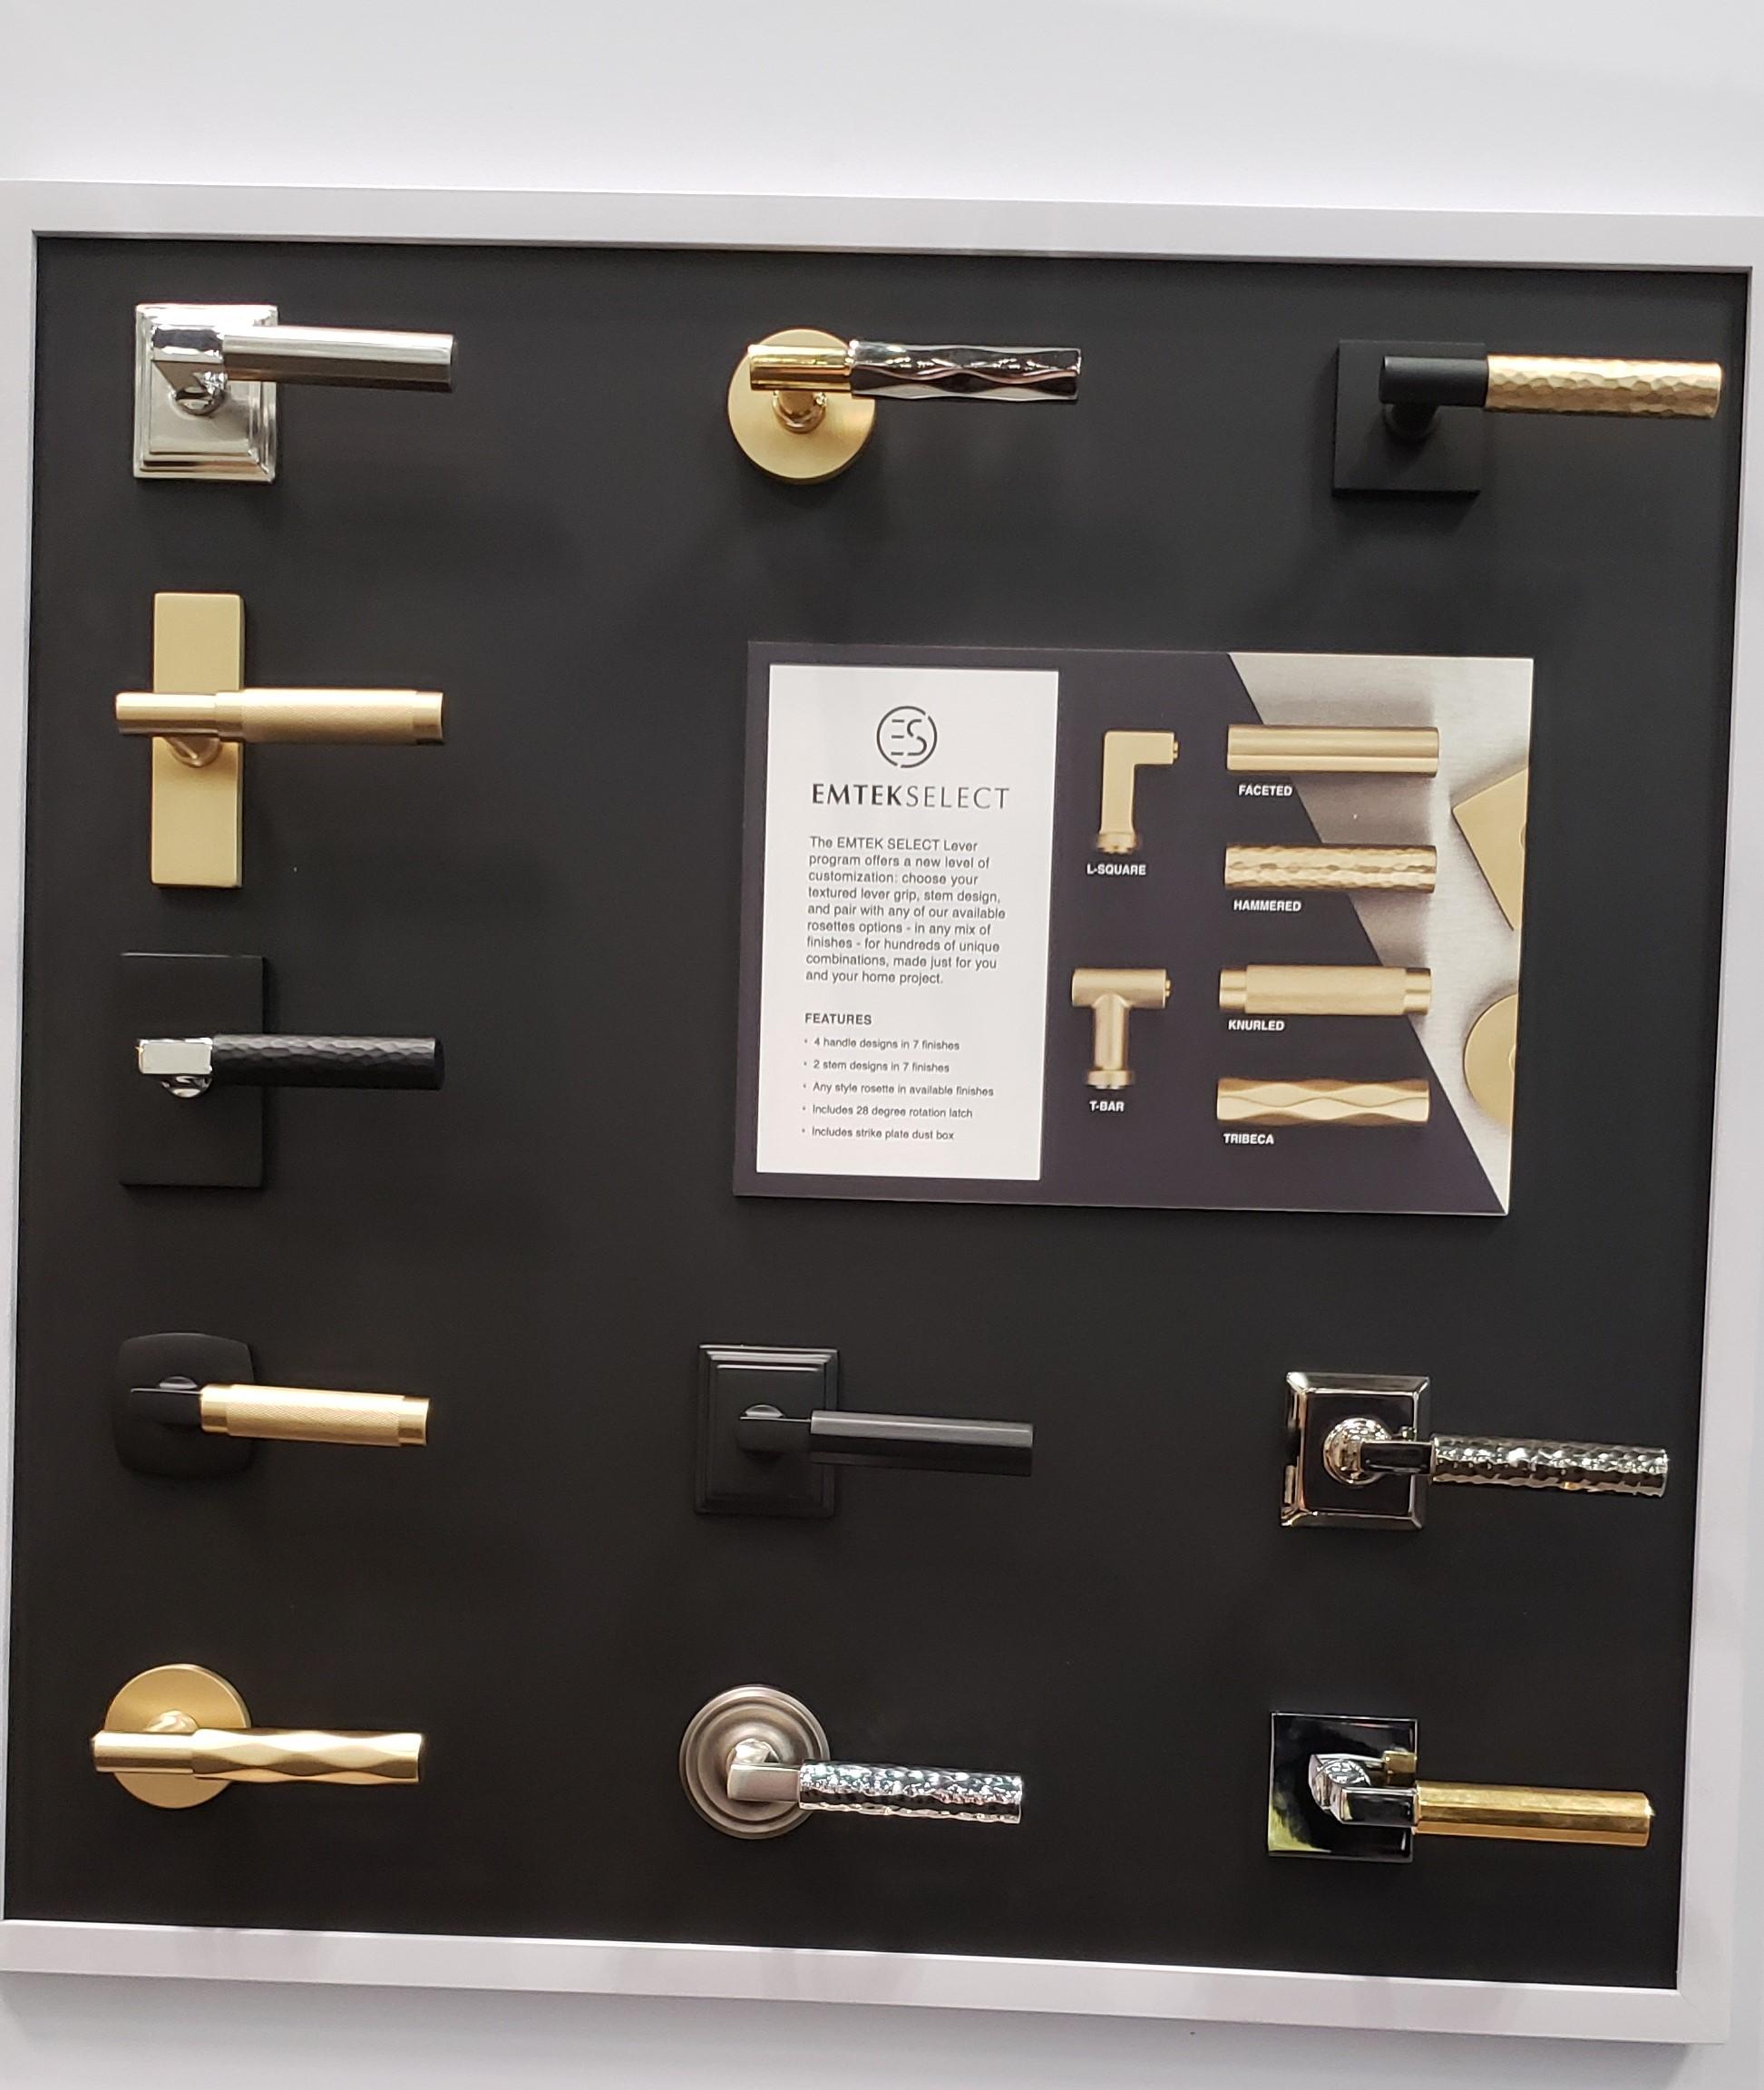 ICFF Emtec door handles